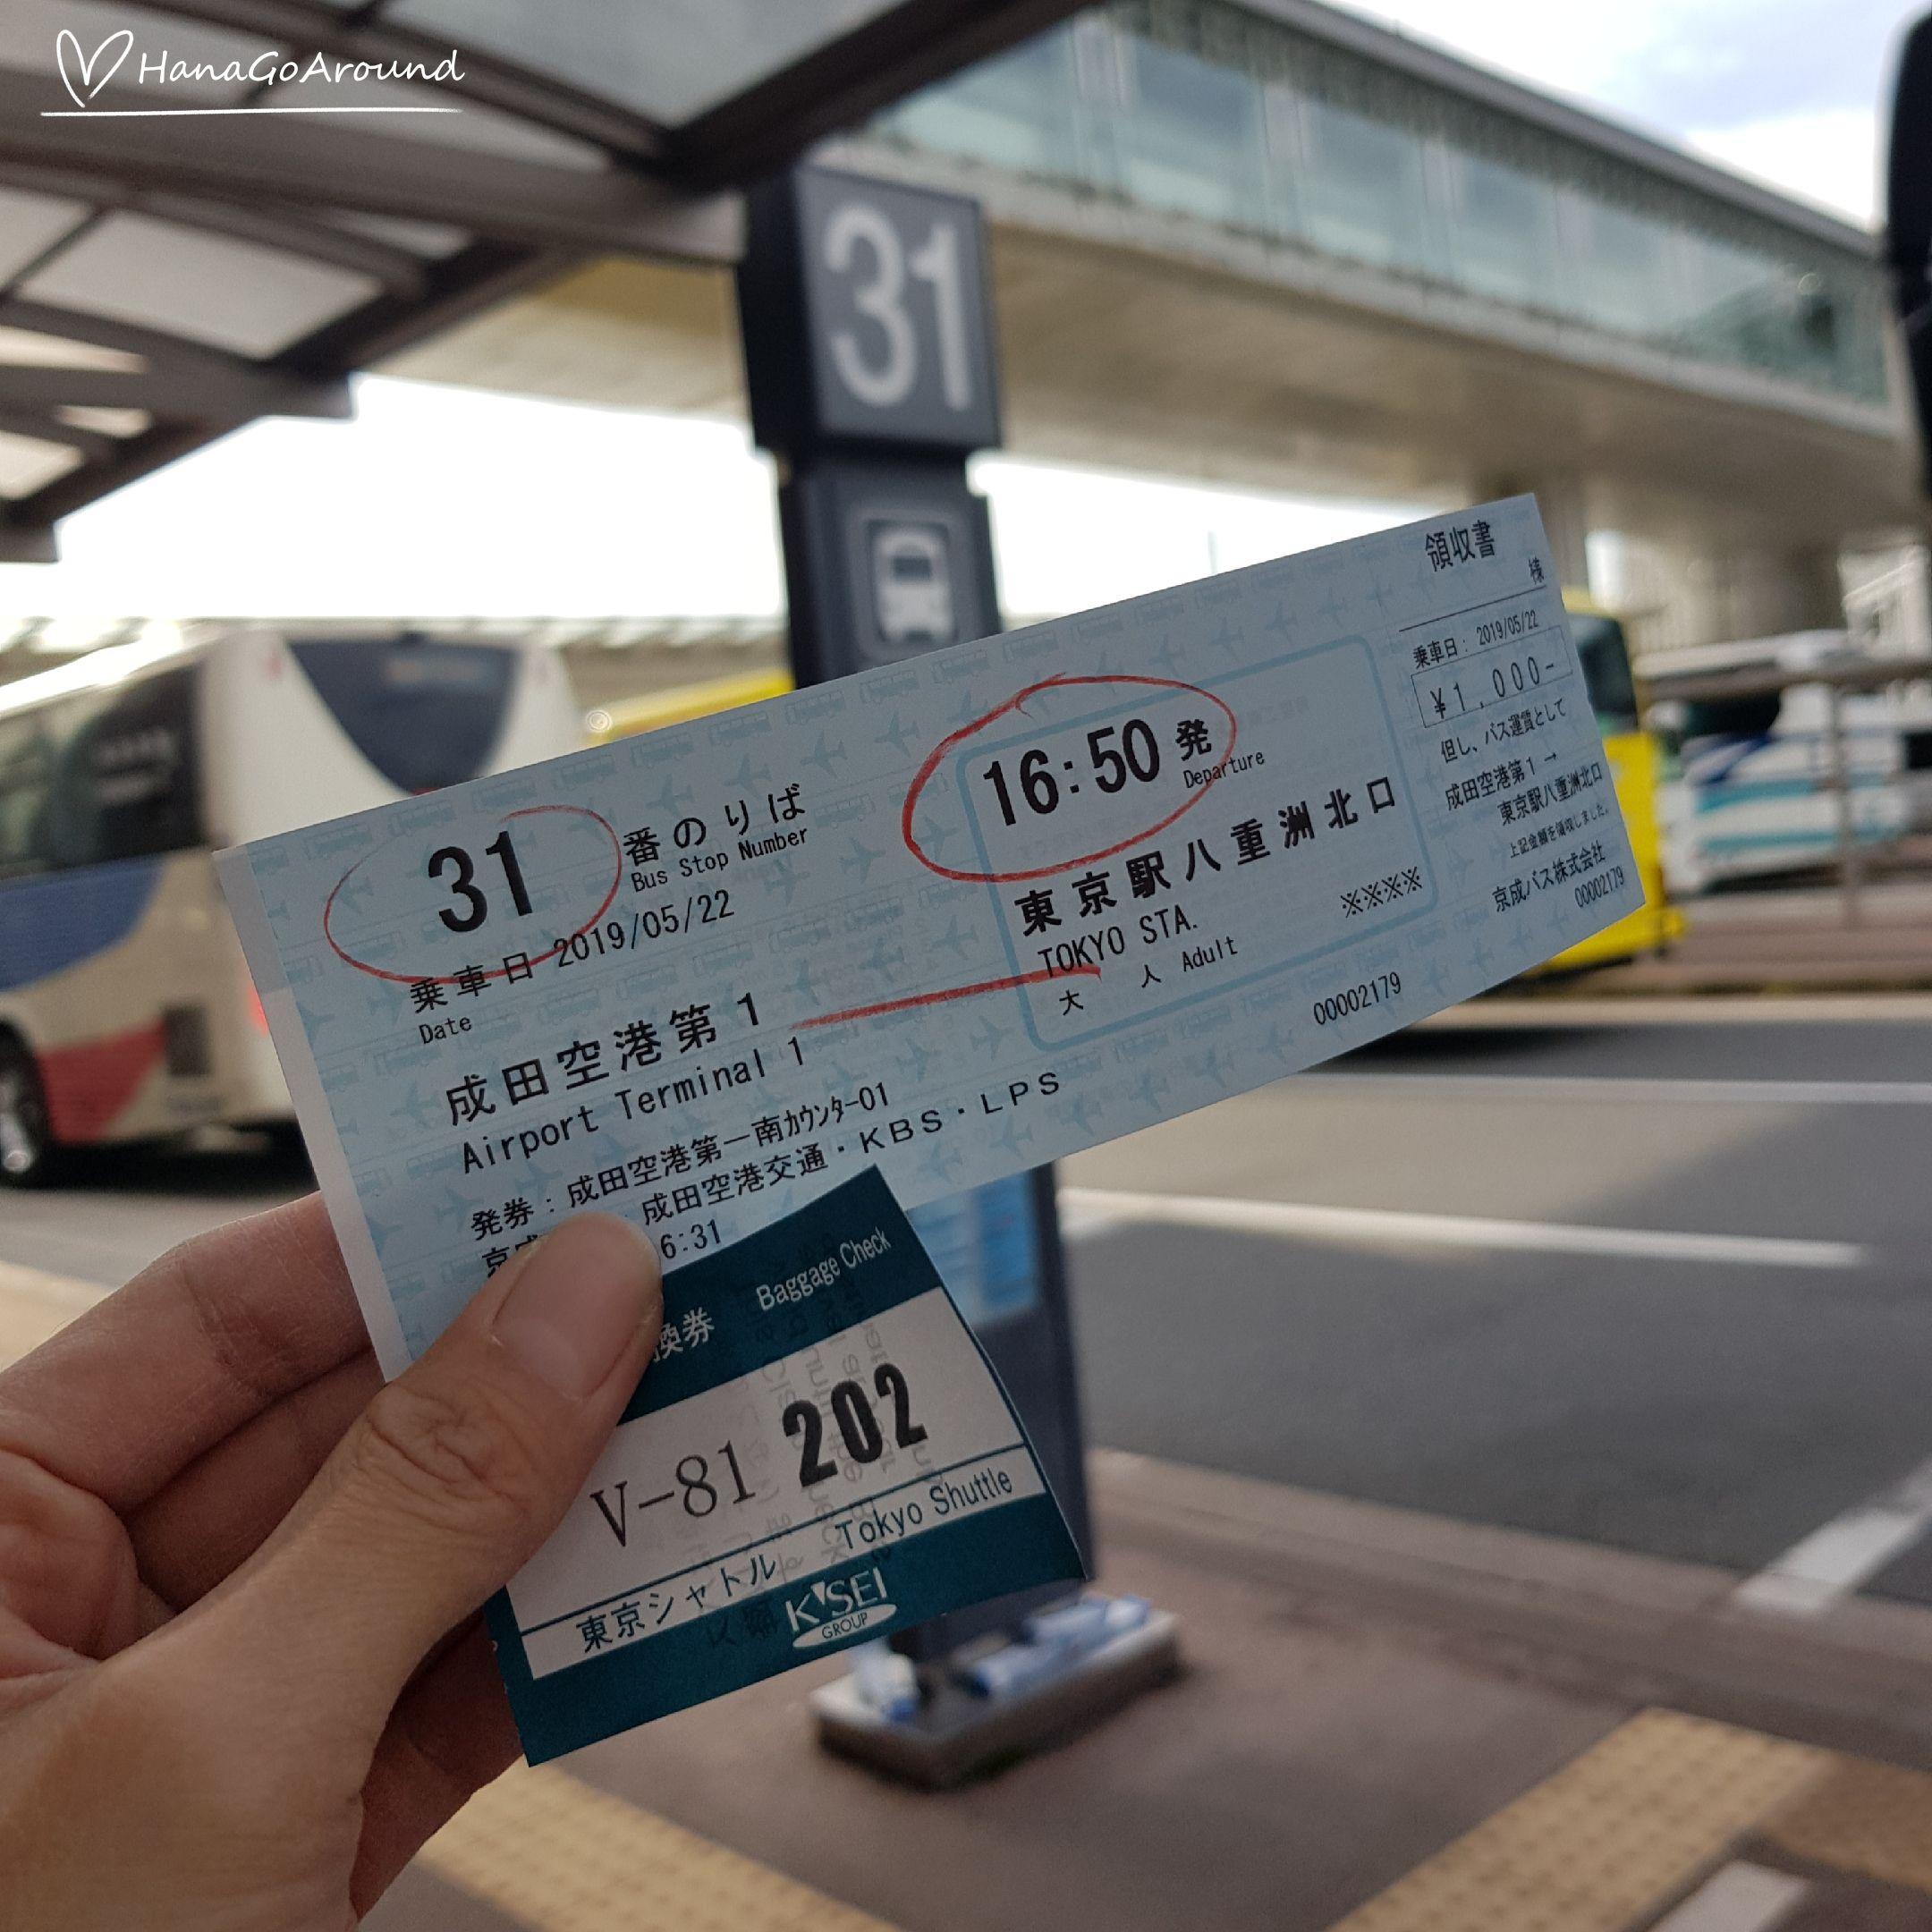 บัตรโดยสาร Keisei Bus สนามบินนานาชาตินาริตะ - โตเกียว